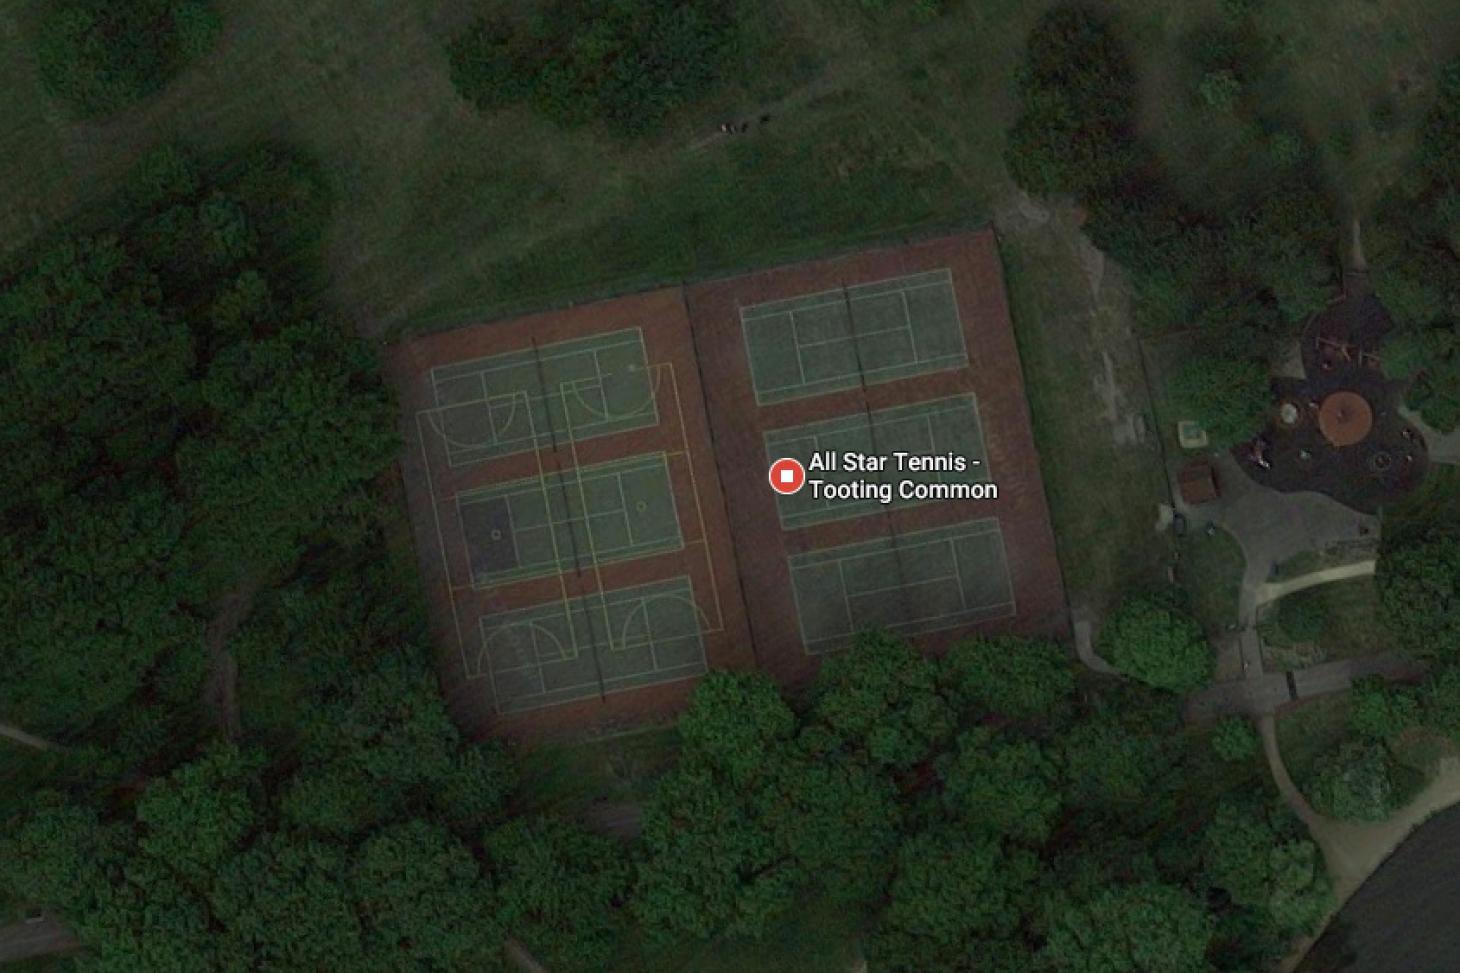 Tooting Bec Common Outdoor | Hard (macadam) tennis court